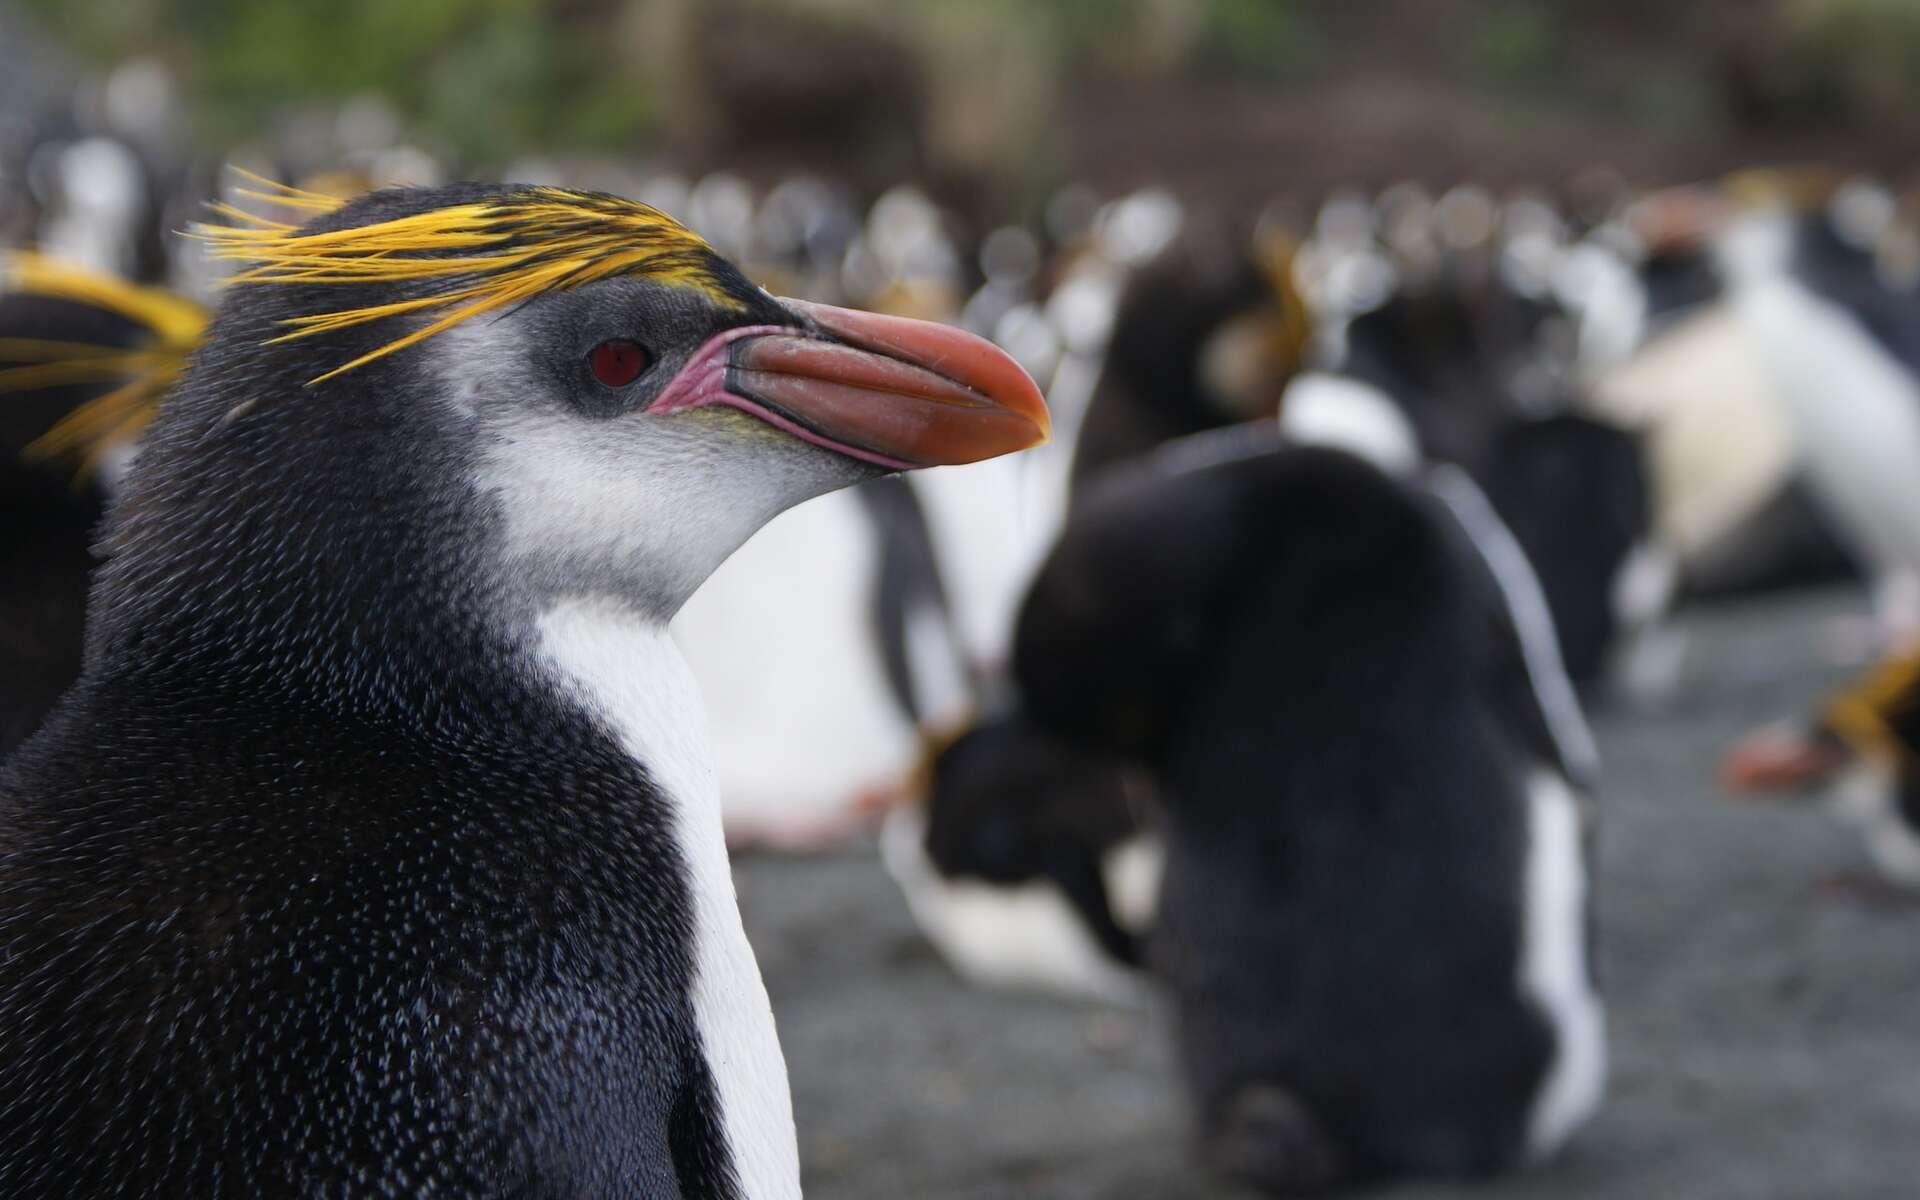 La plus grande colonie de manchots royaux au monde a diminué de près de 90 % en 35 ans. © Kimberley Collins, Flickr CC BY 2.0